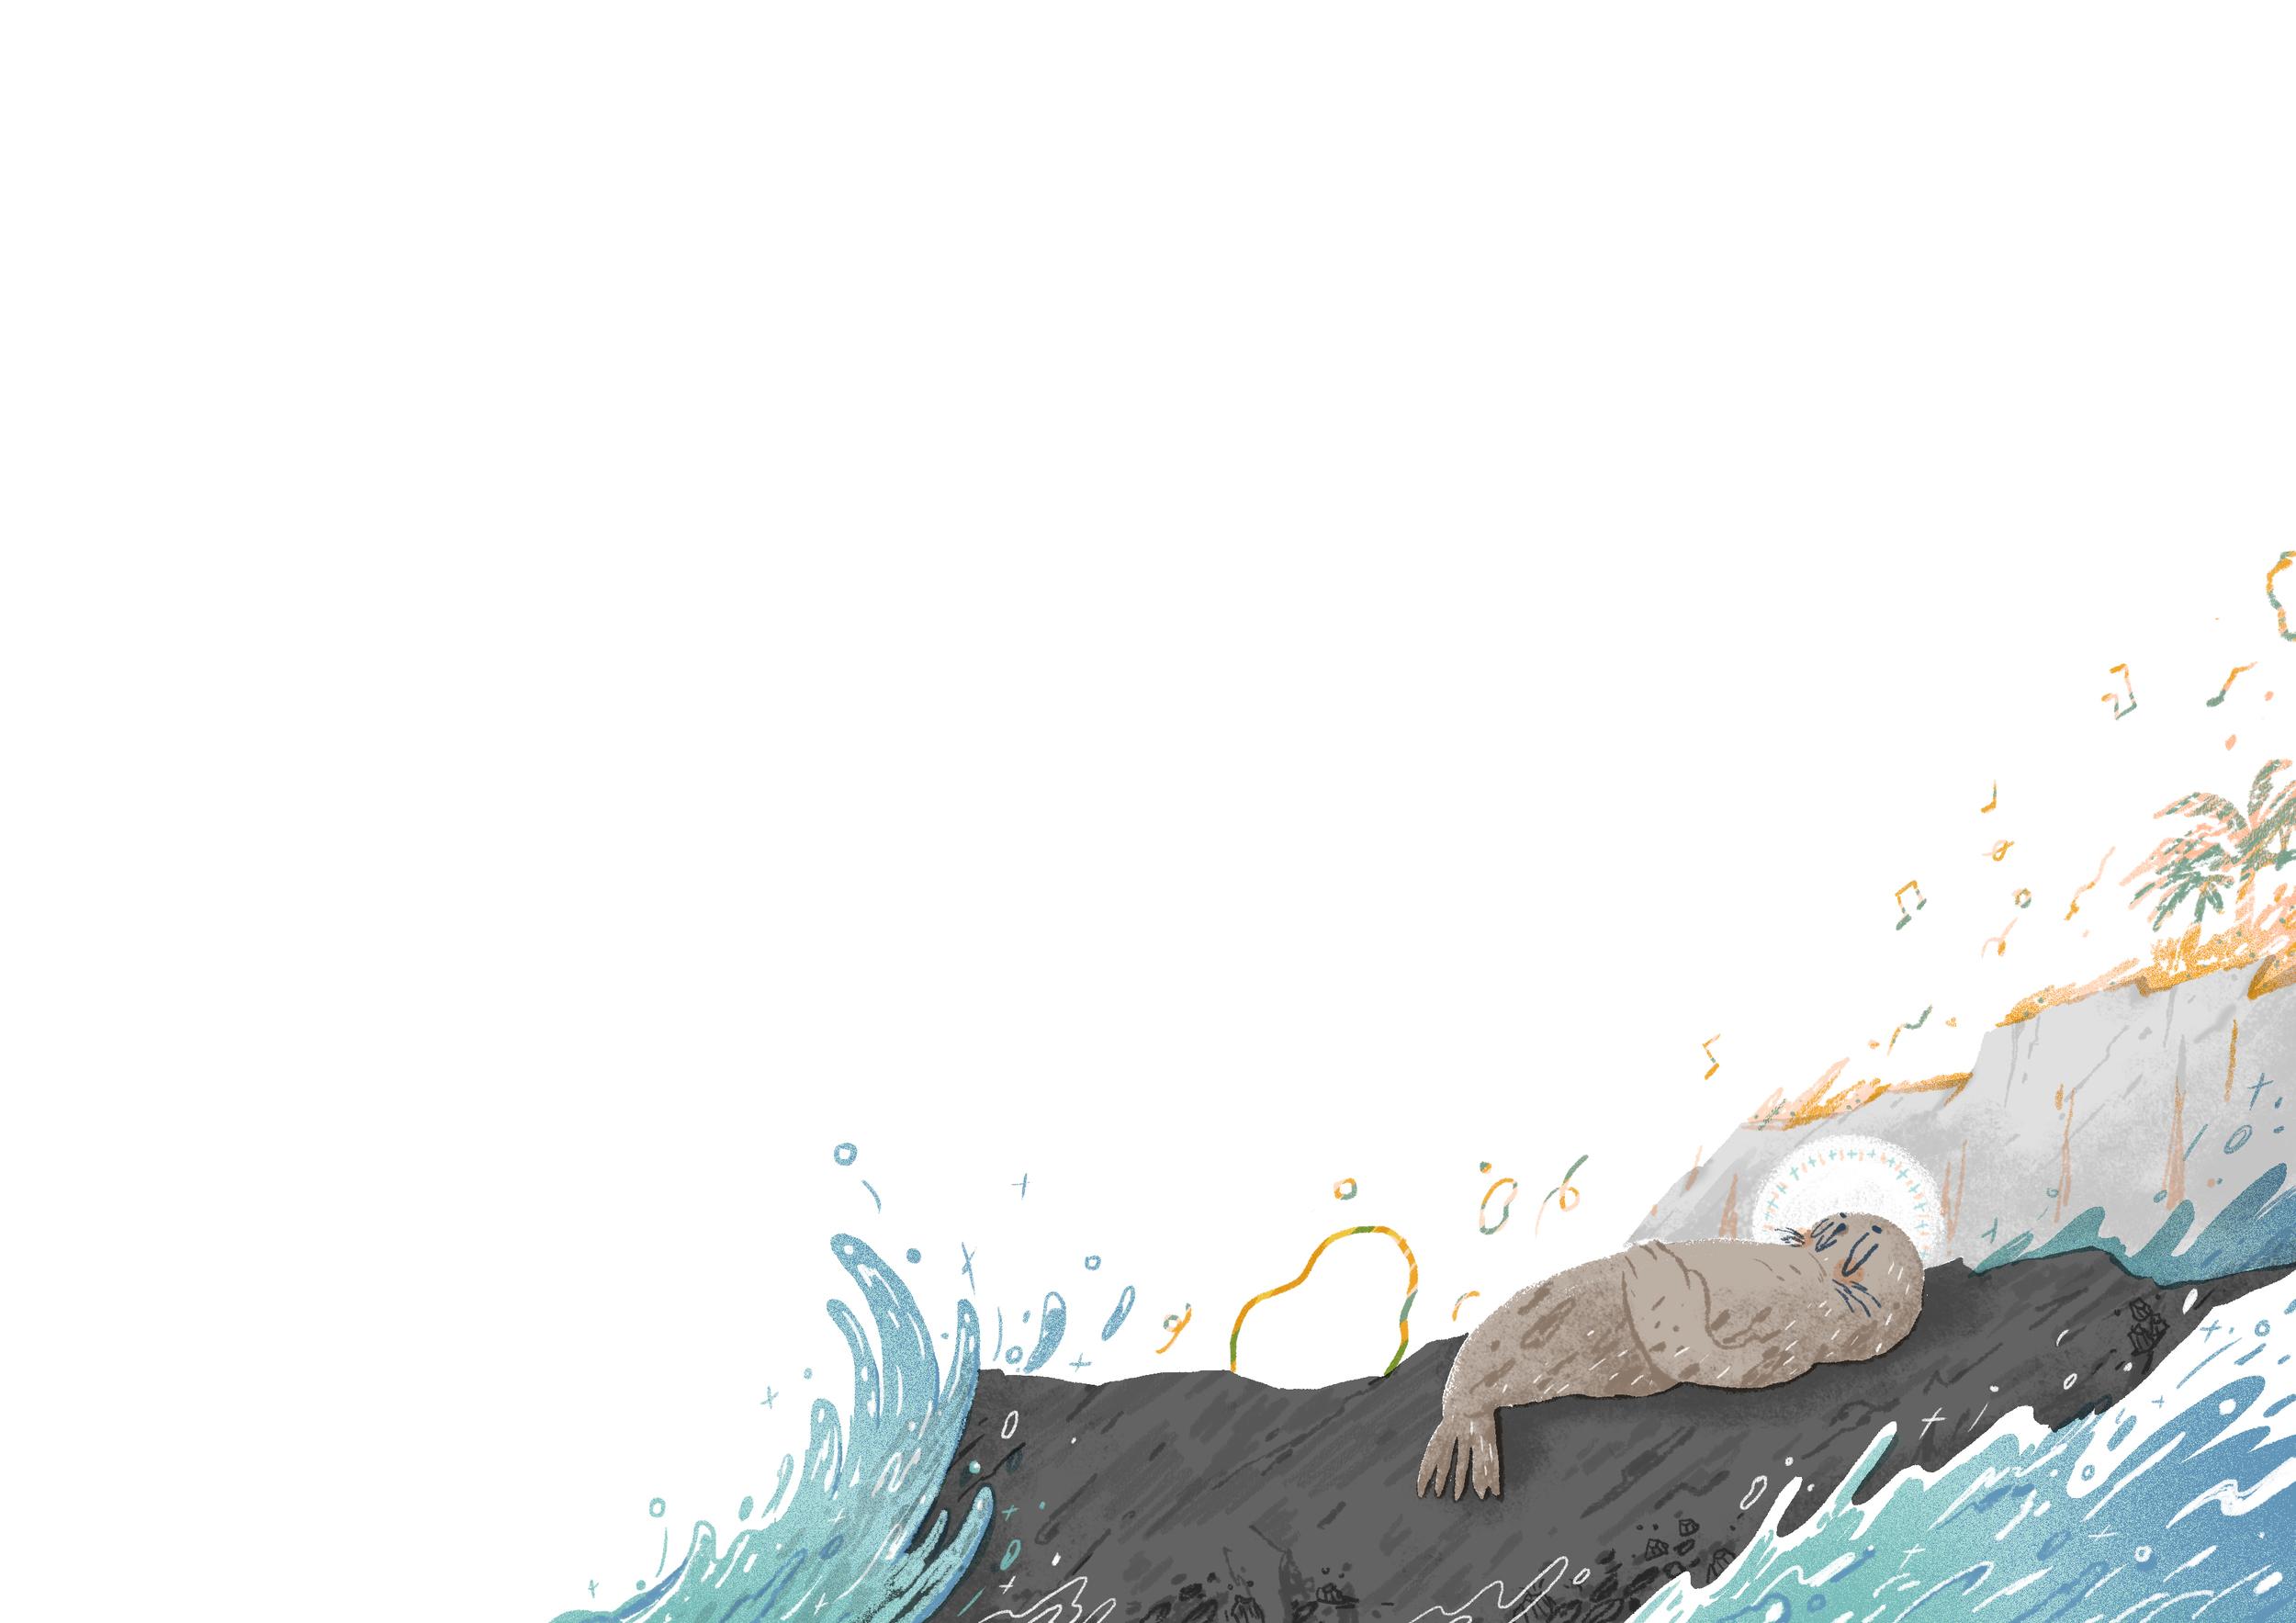 2知我亲爱的朋友 企鹅海豹.jpg